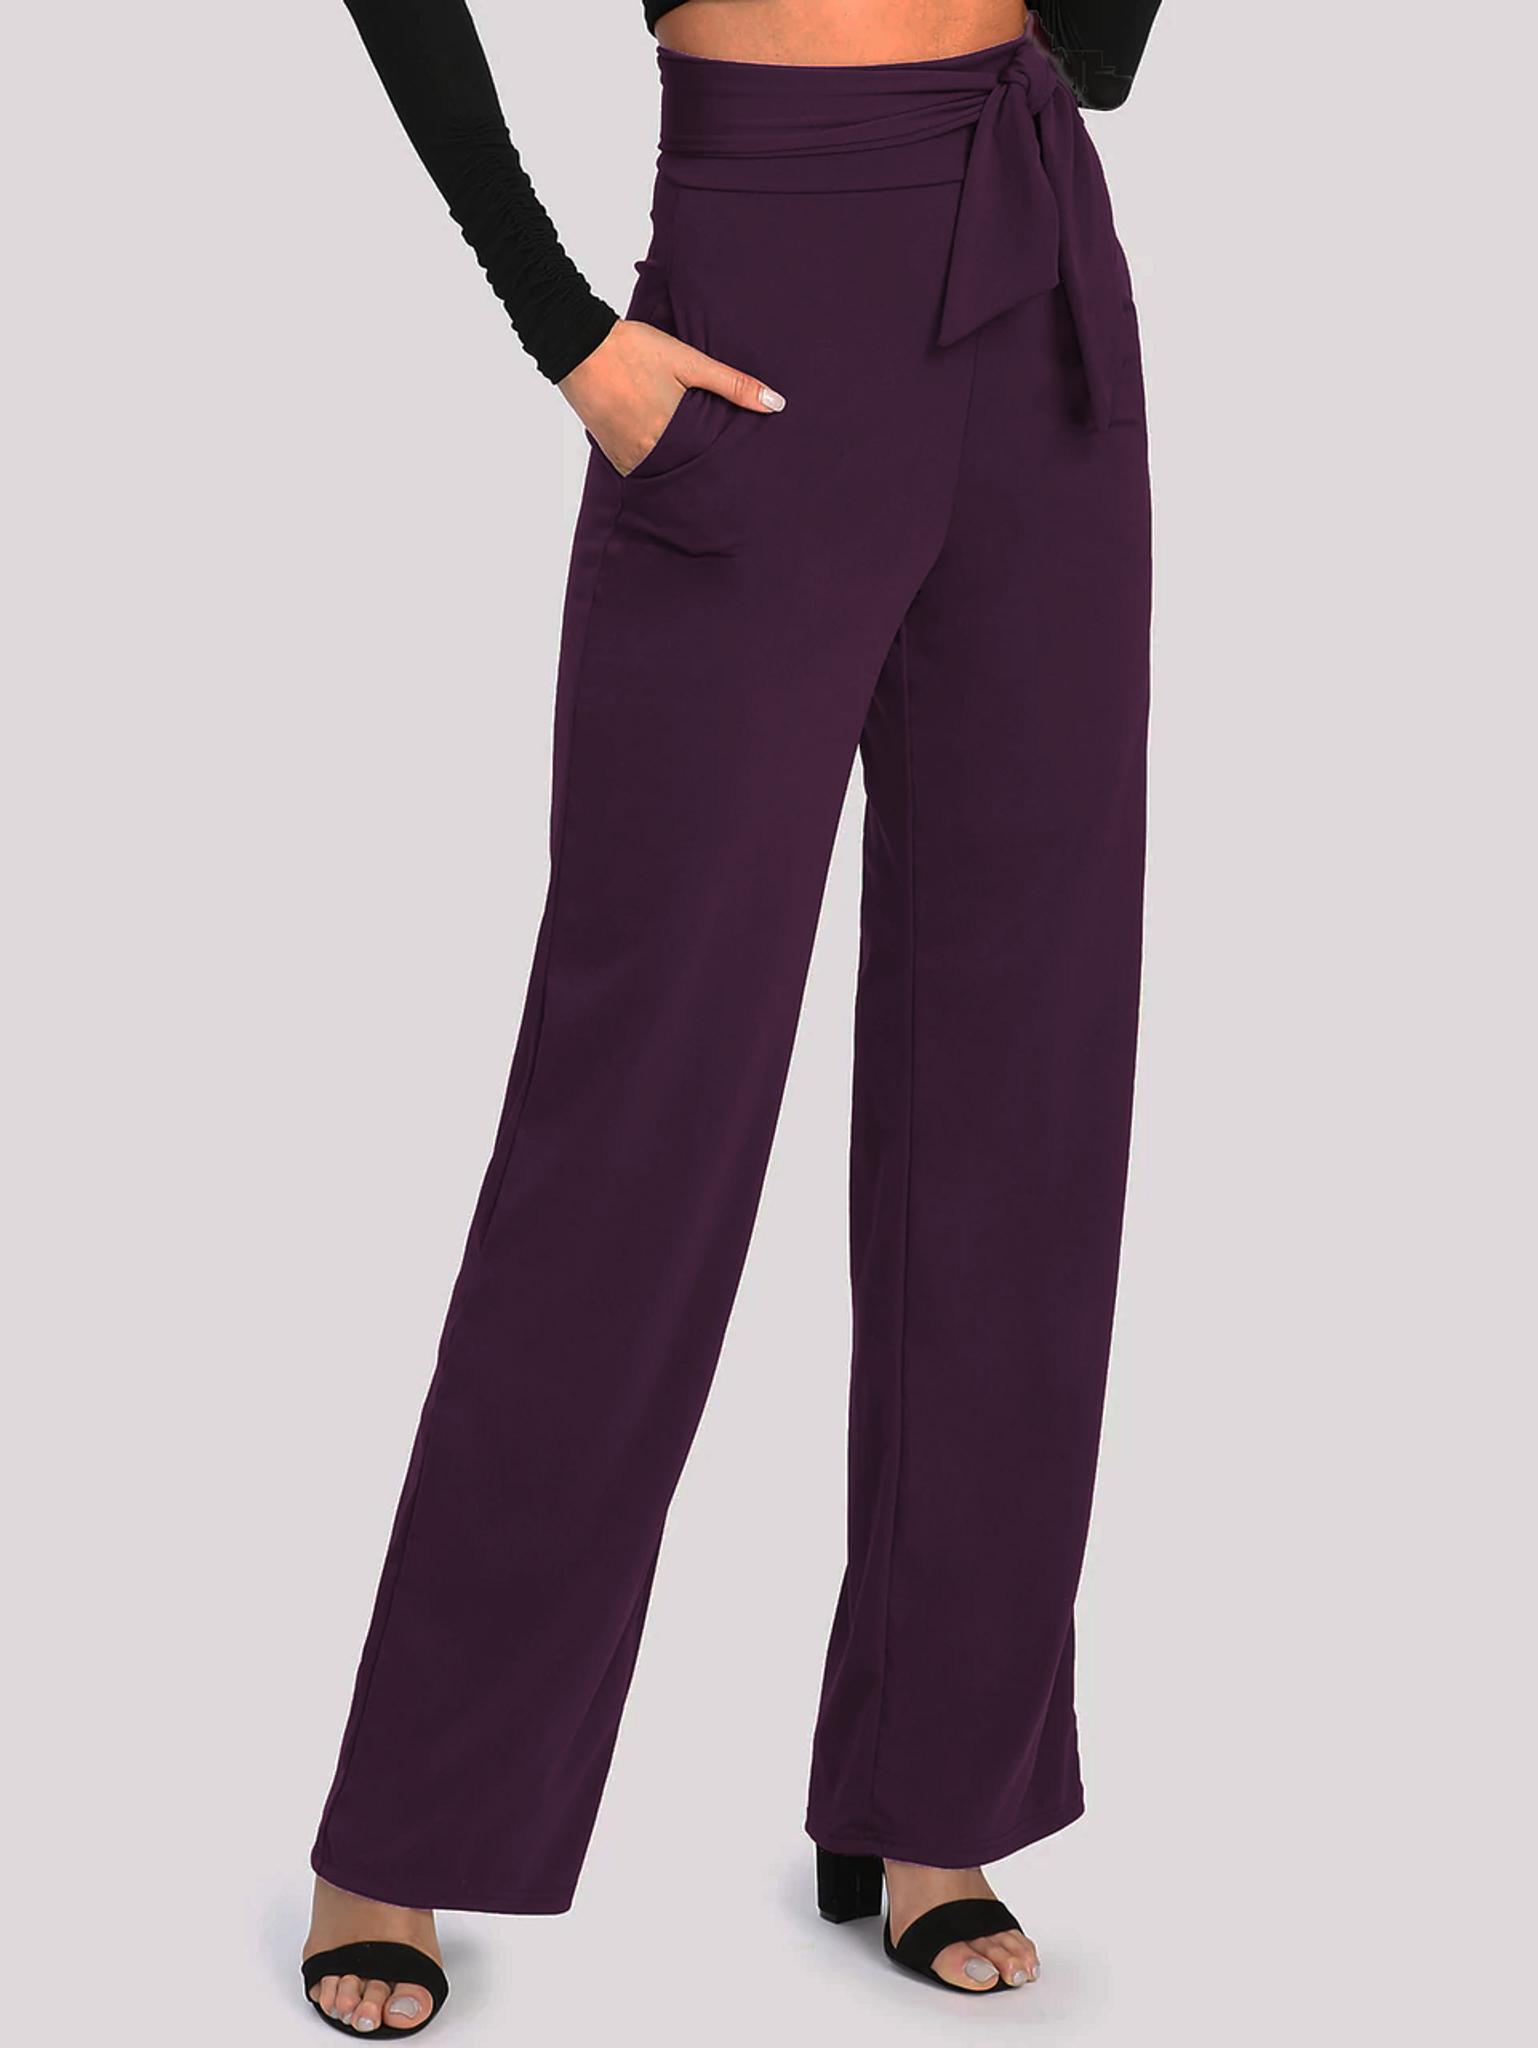 Fifth Avenue Women's NESS Tie Waist Pants - Purple